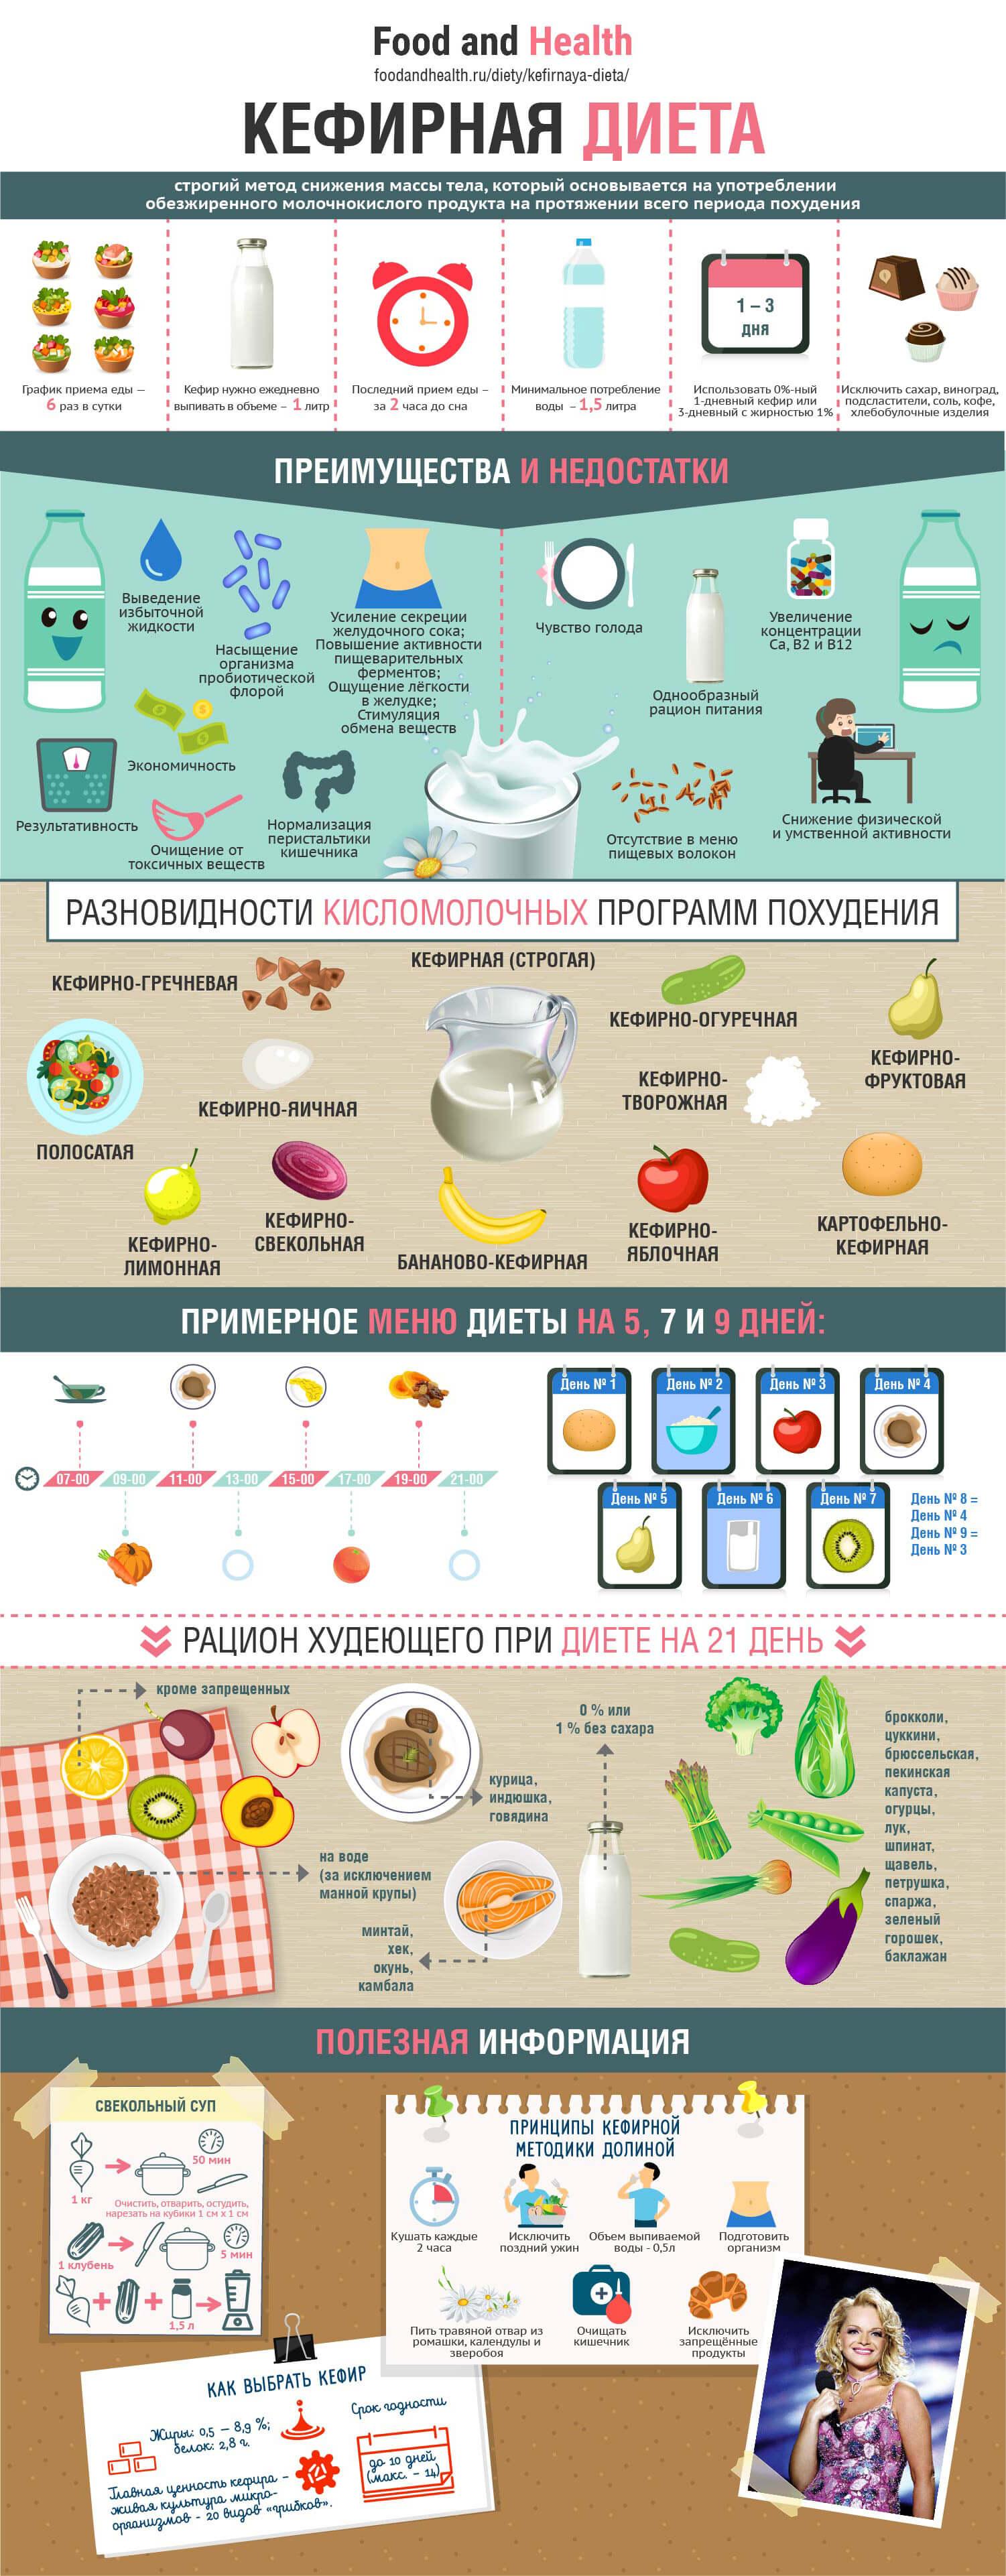 Кефирная диета для похудения за неделю